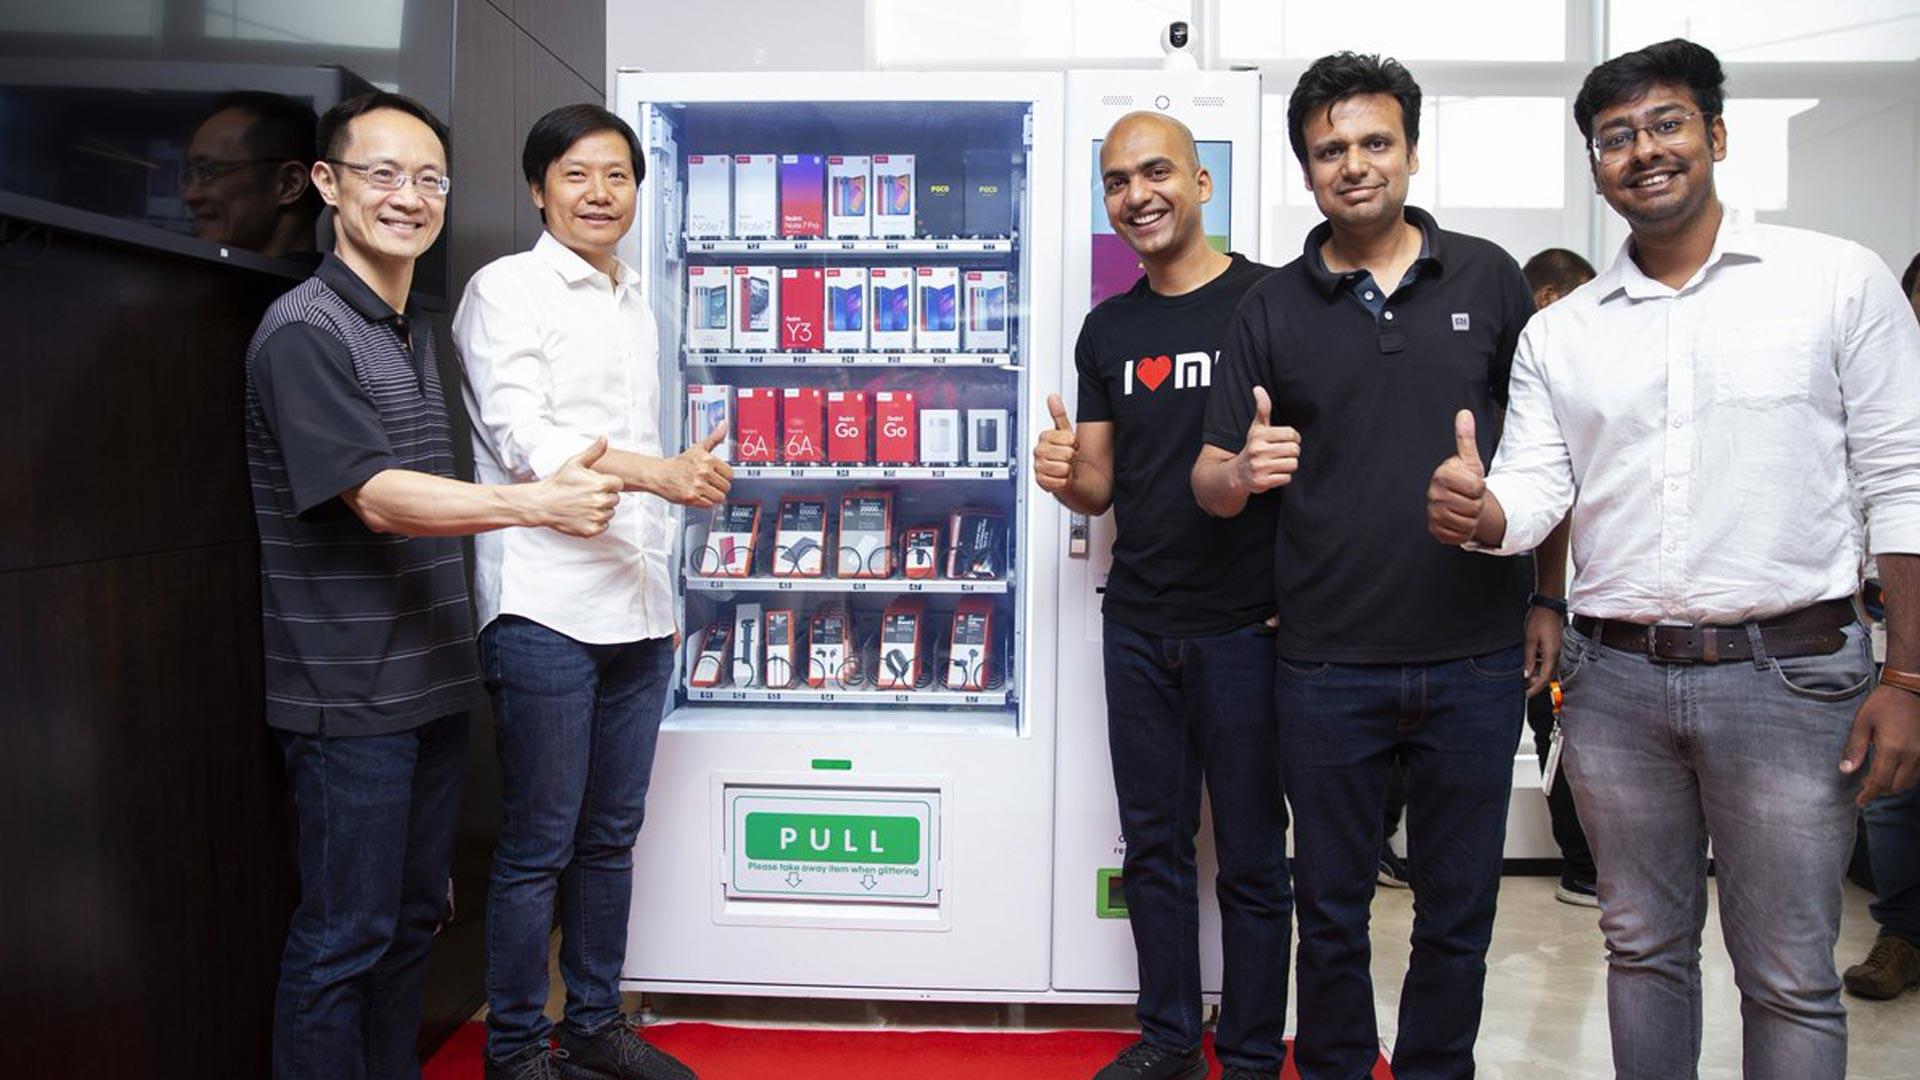 xiaomi vending machine